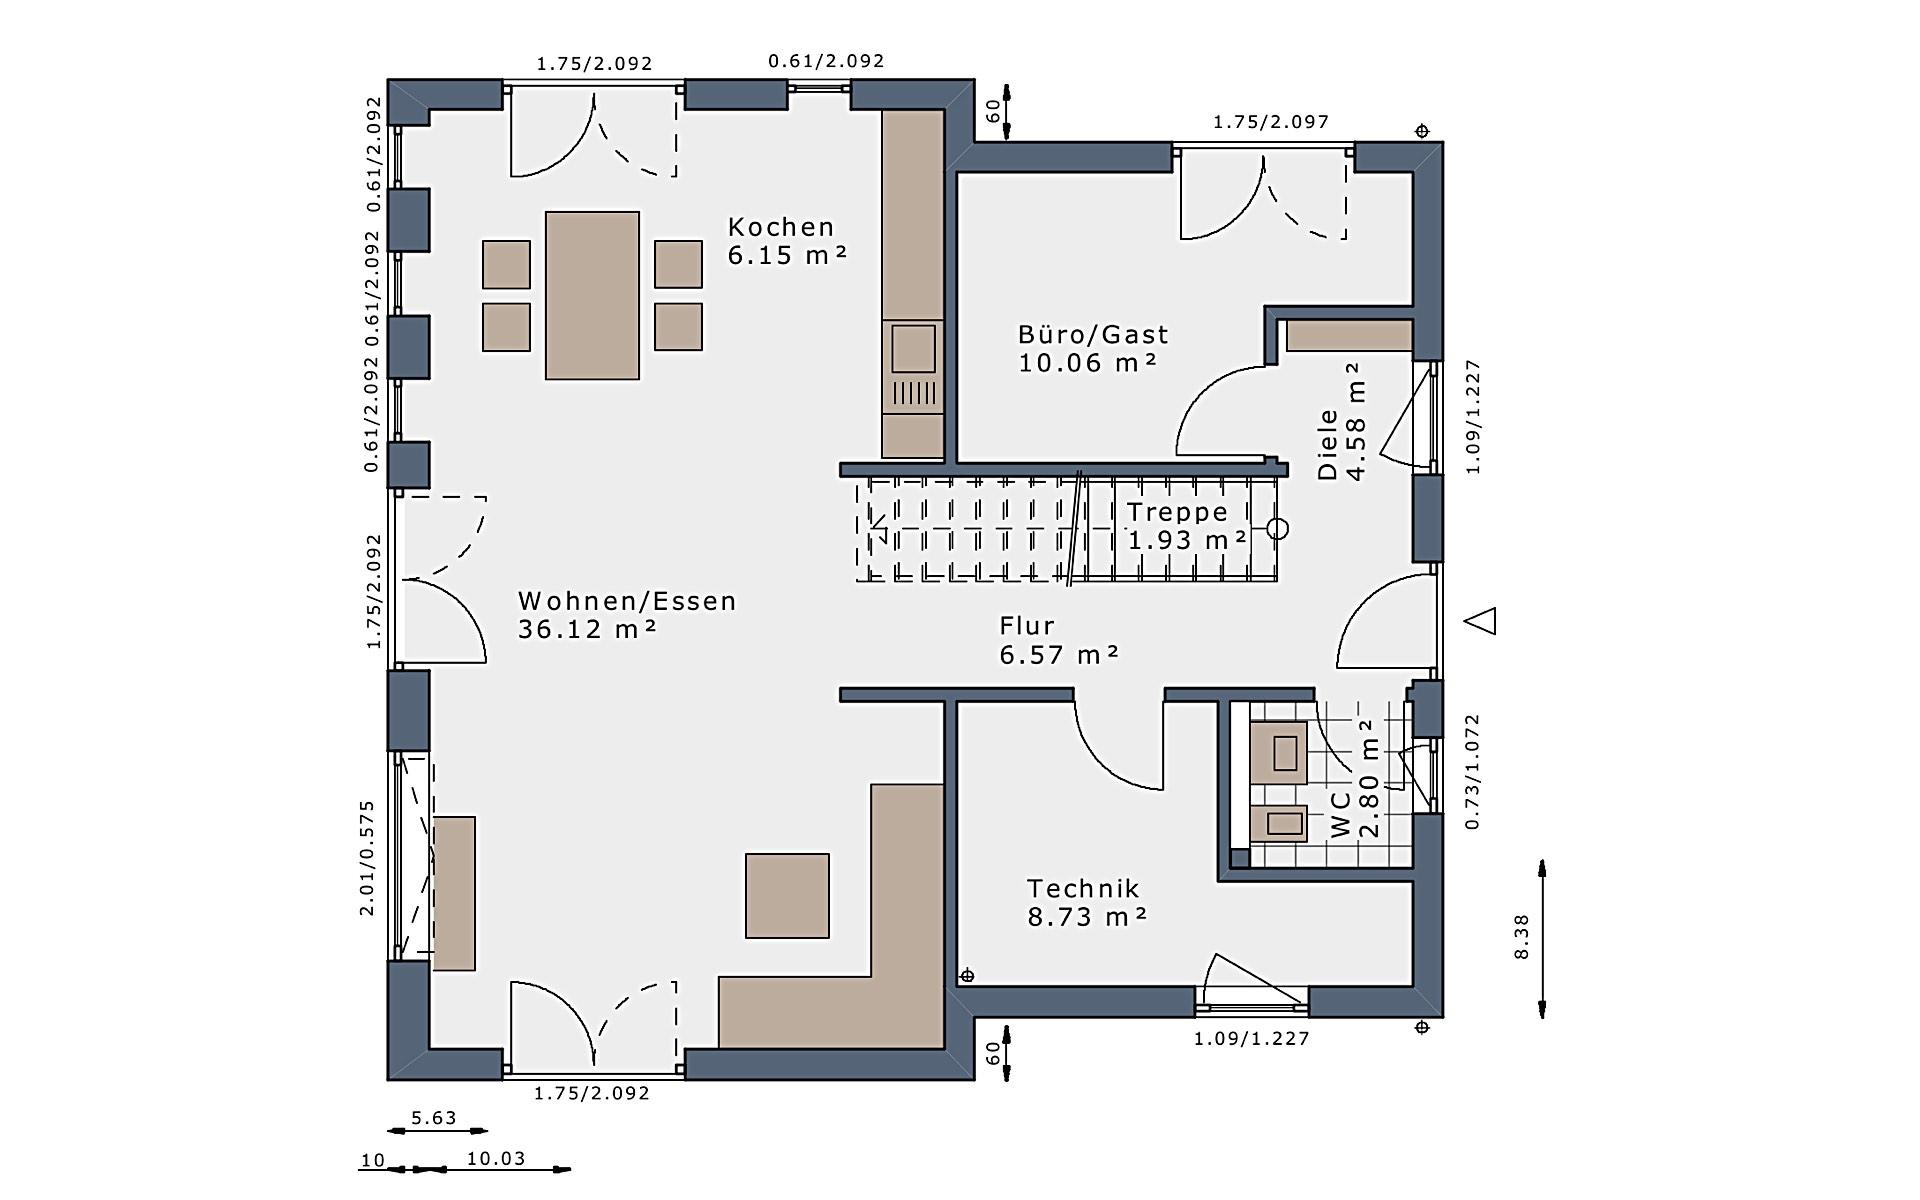 Erdgeschoss SmartSpace-E-140 E3 von Schwabenhaus GmbH & Co. KG